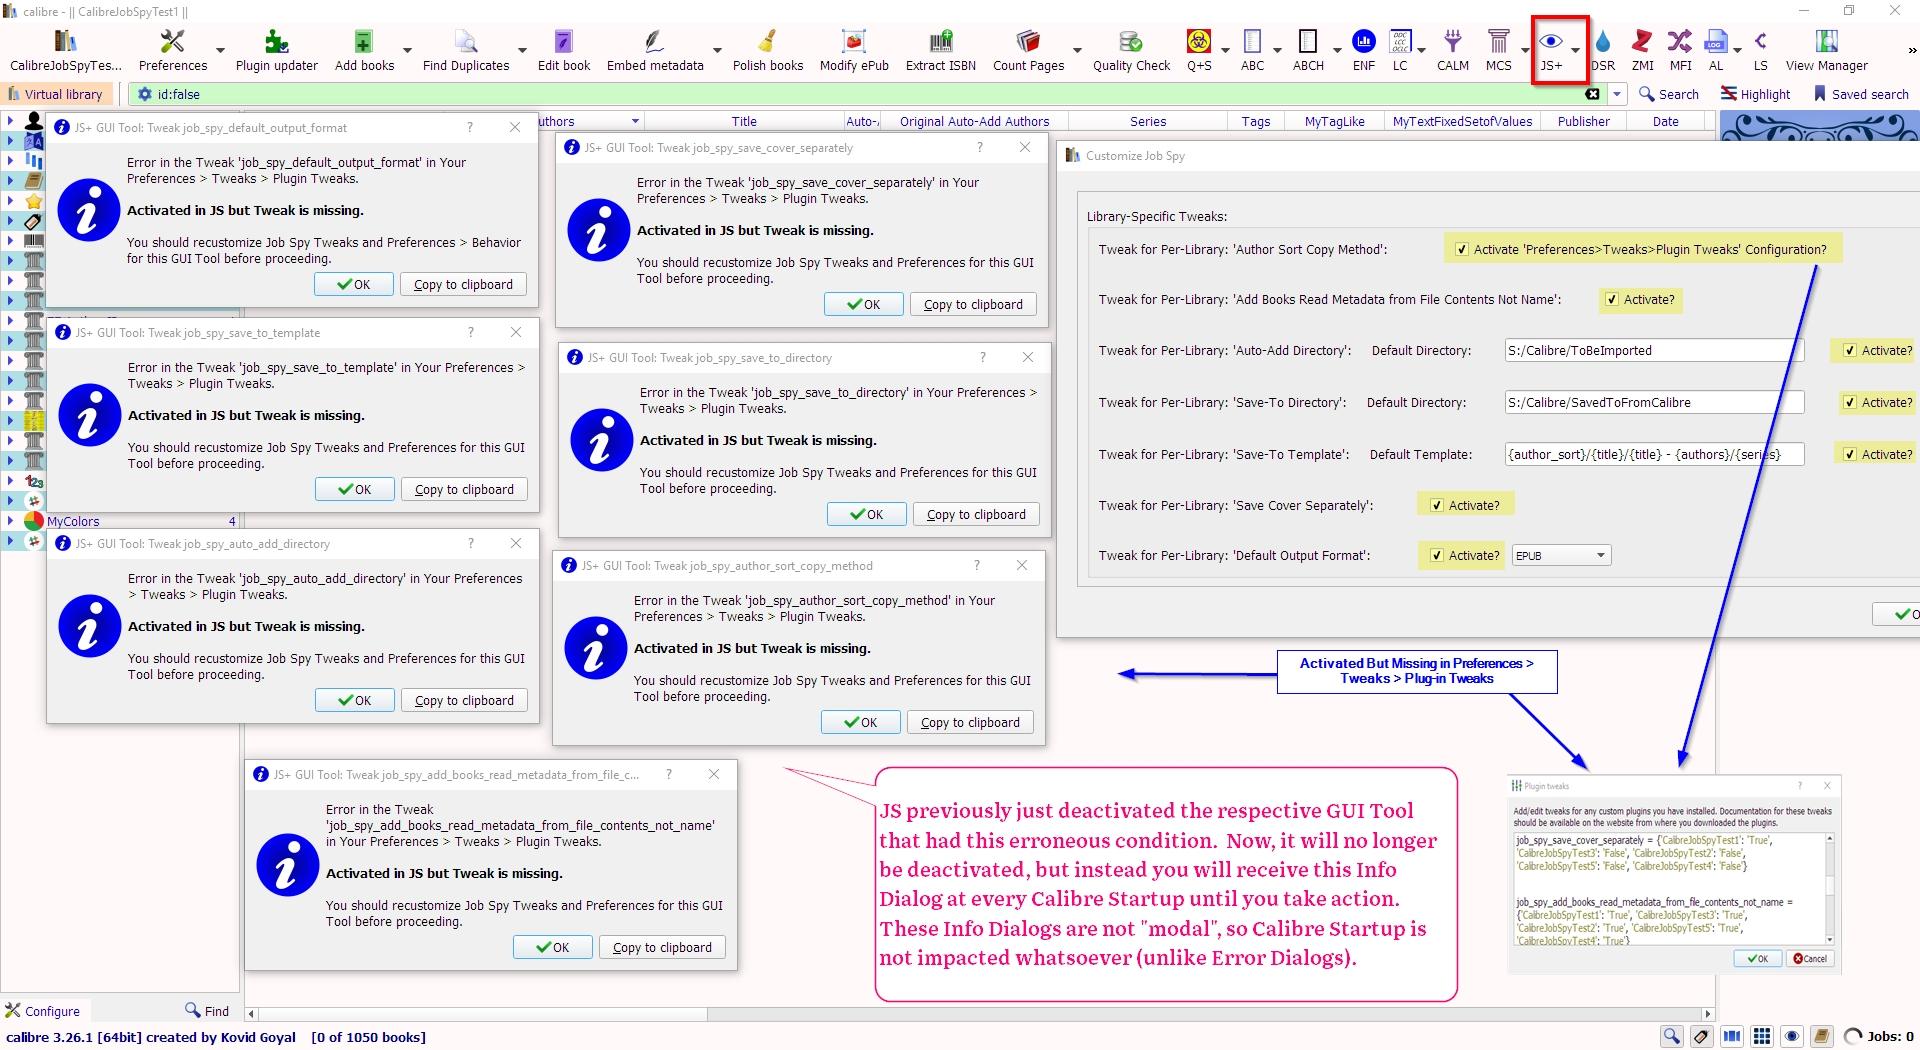 GUI Plugin] Job Spy - Page 19 - MobileRead Forums